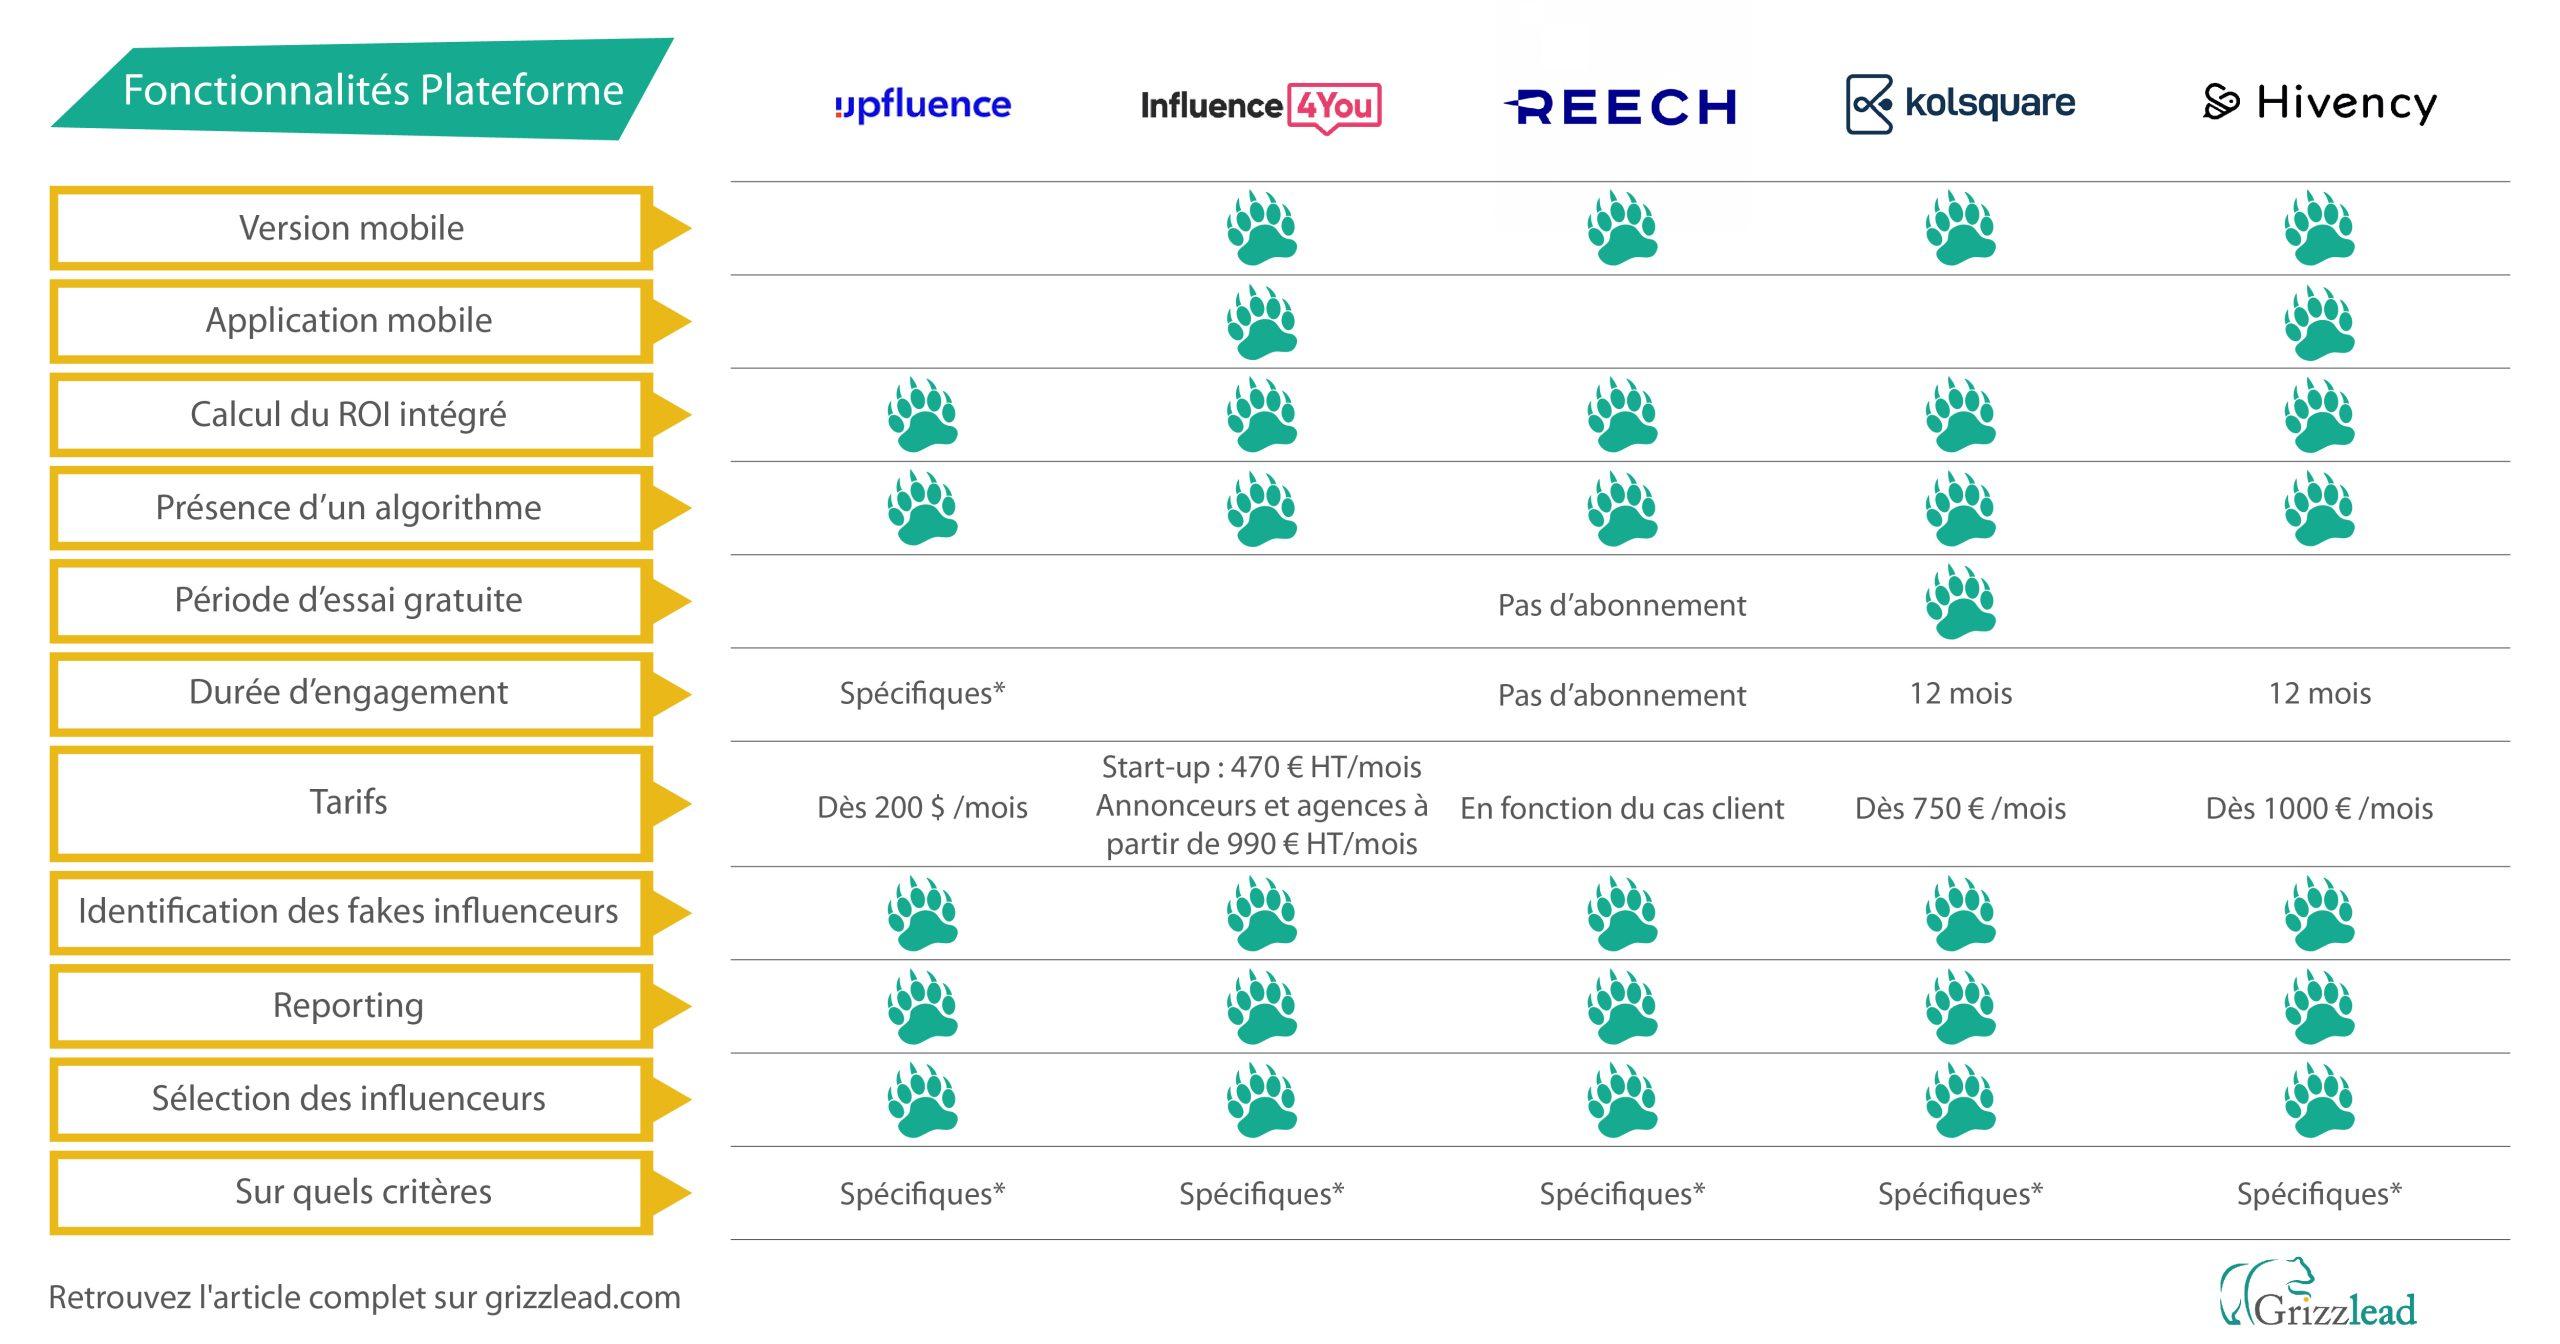 Comparatif plateforme de marketing d'influence, les fonctionnalité des plateformes, prix, engagement, etc.